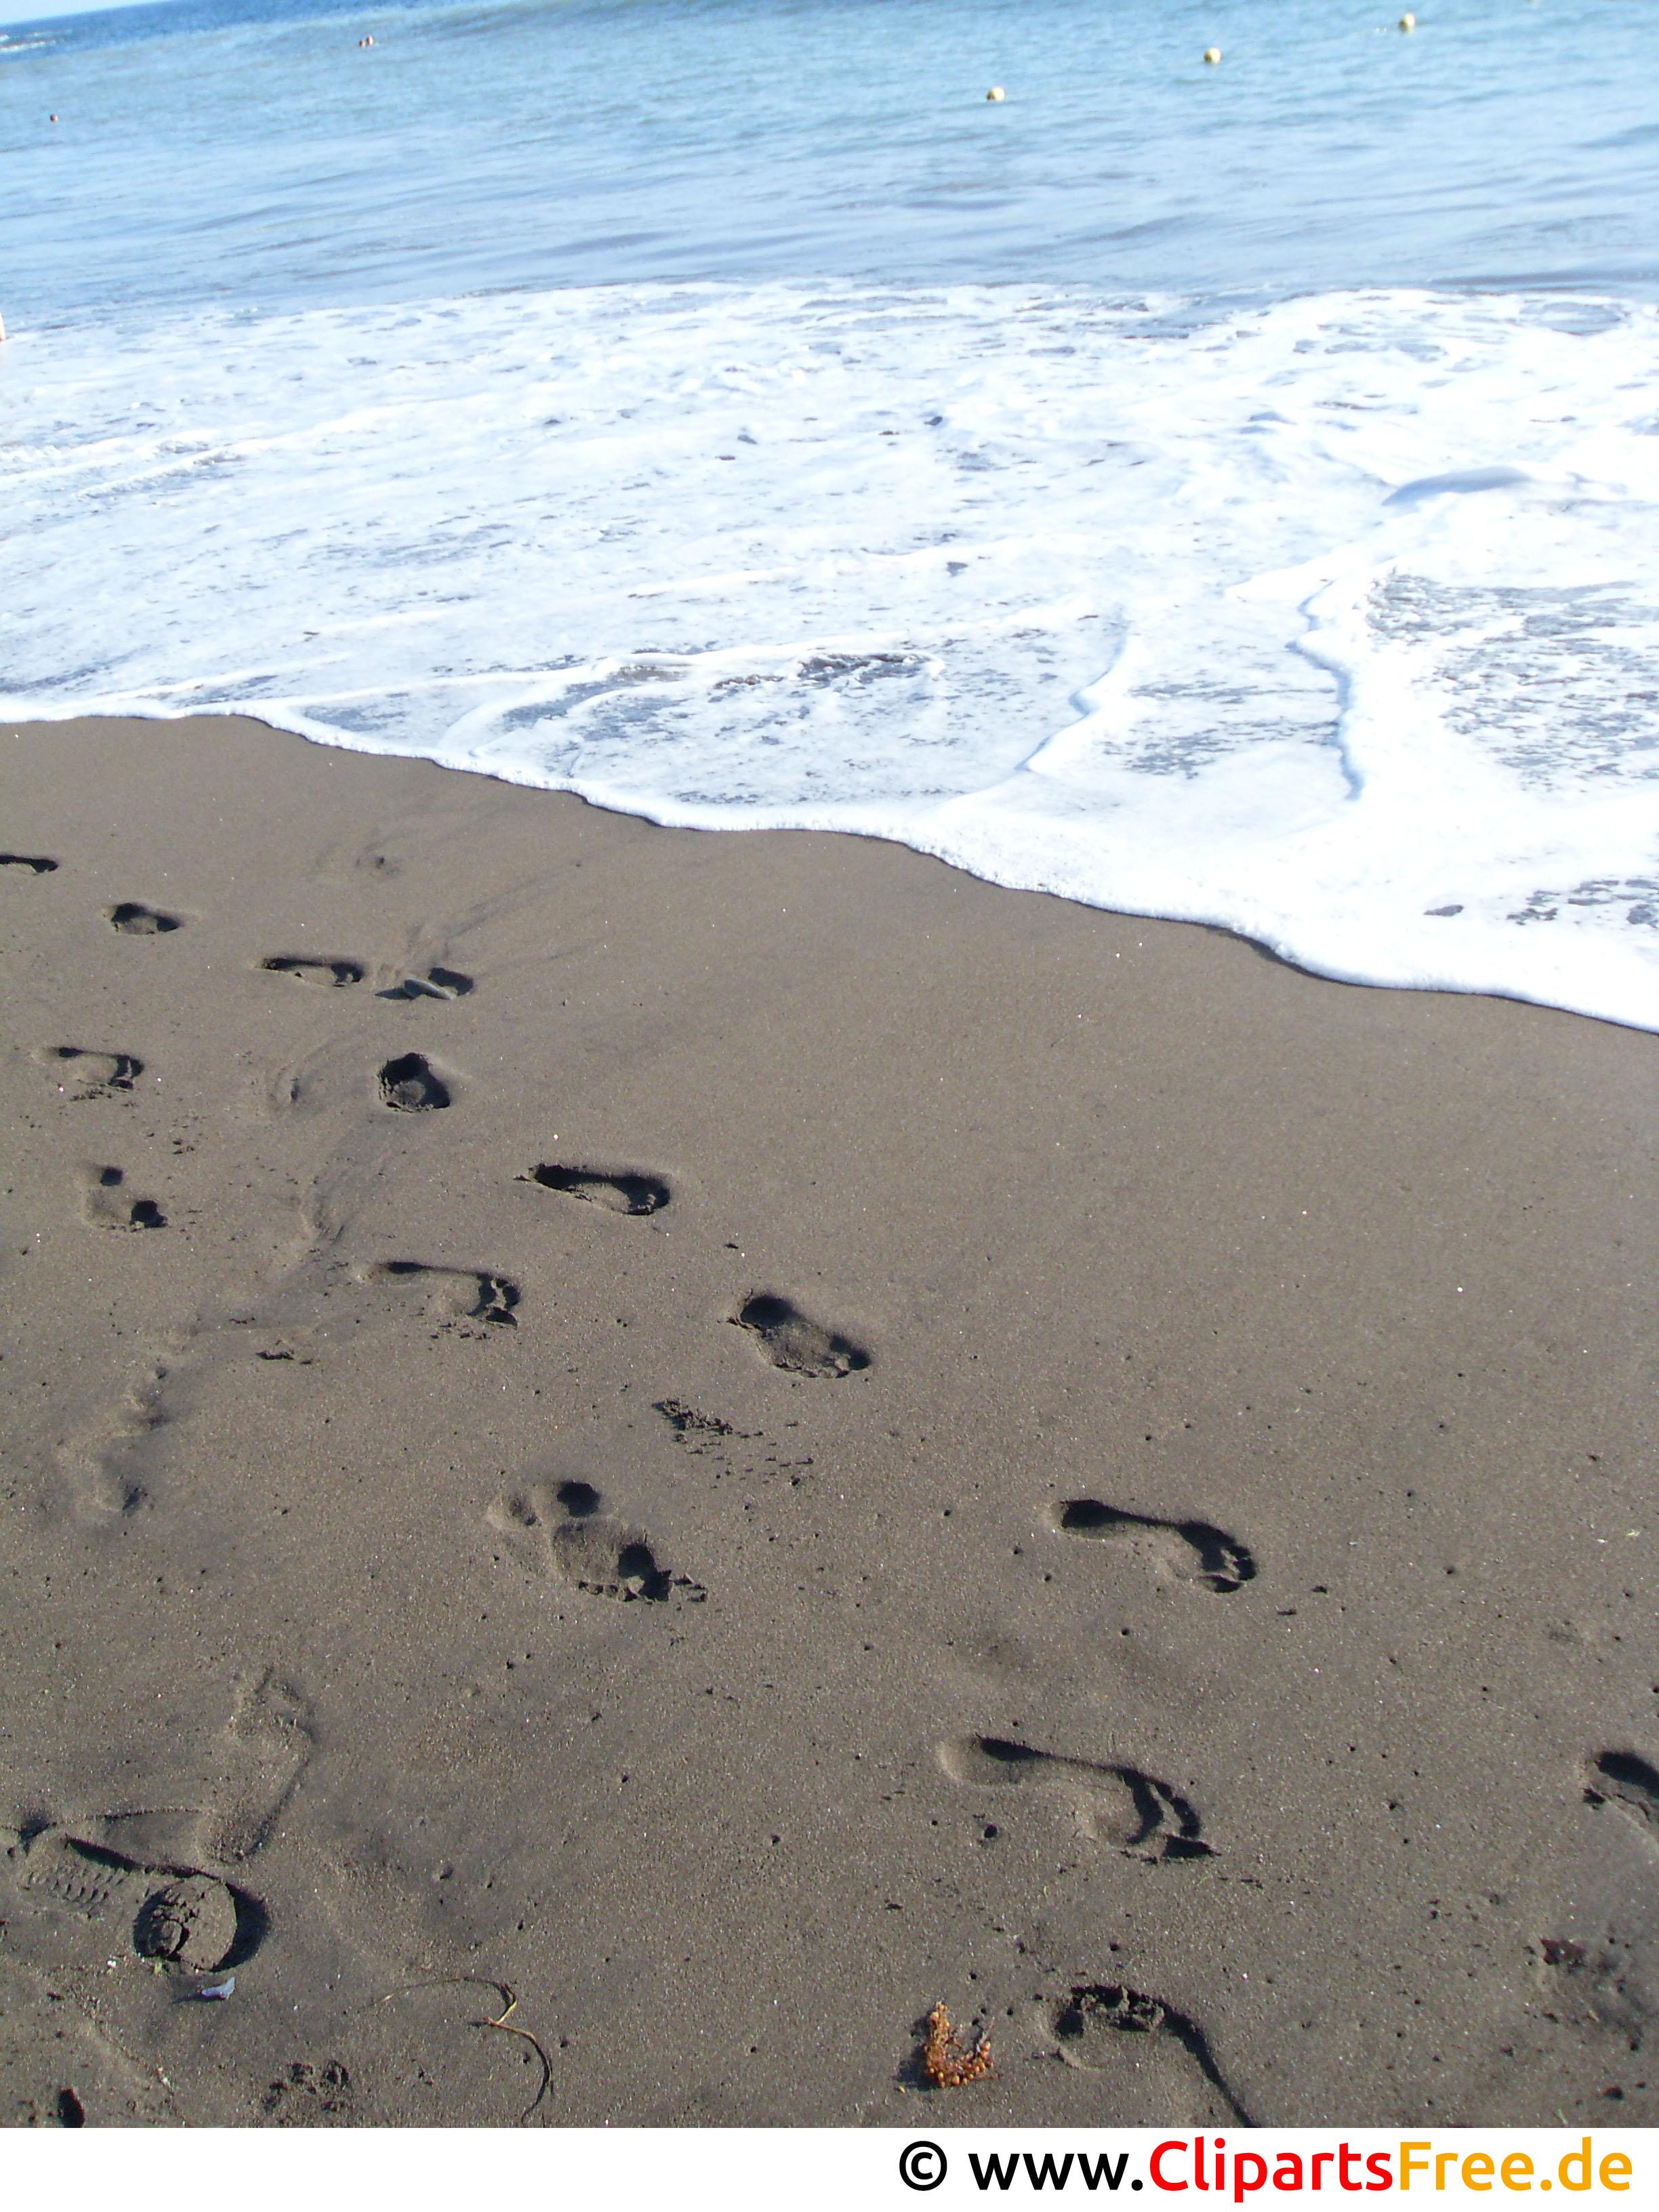 Fussabdrücke im Sand Urlaubsfoto kostenlos